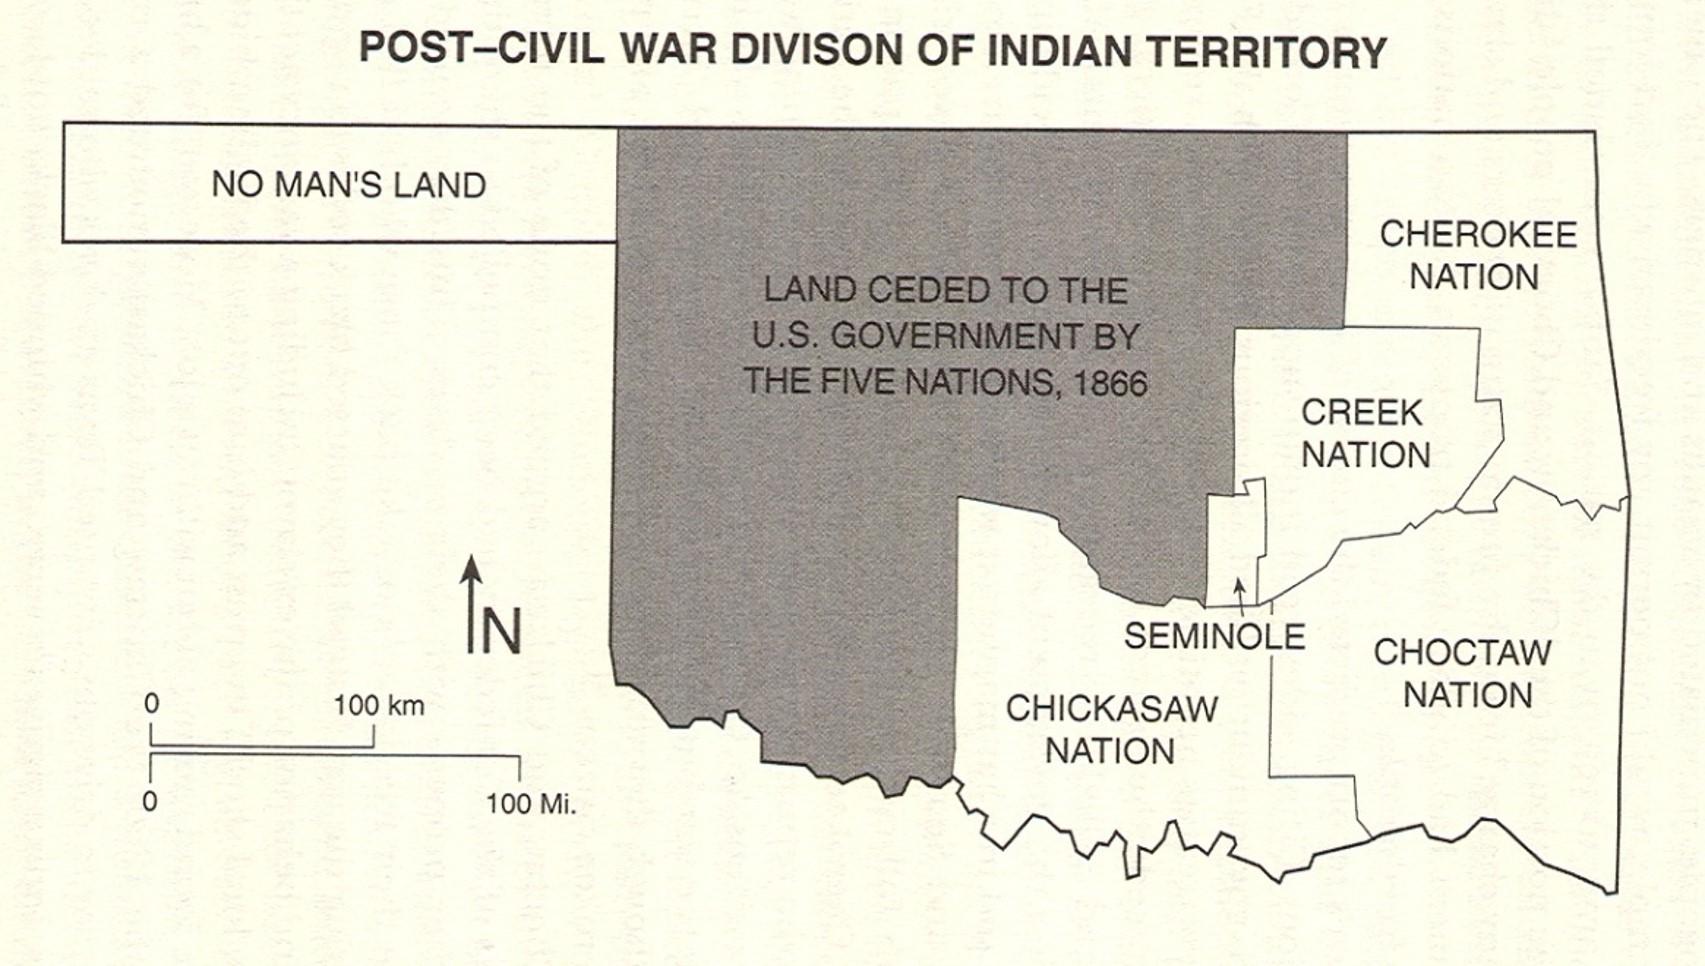 Post-Civil War division of Indian territory, Oklahoma